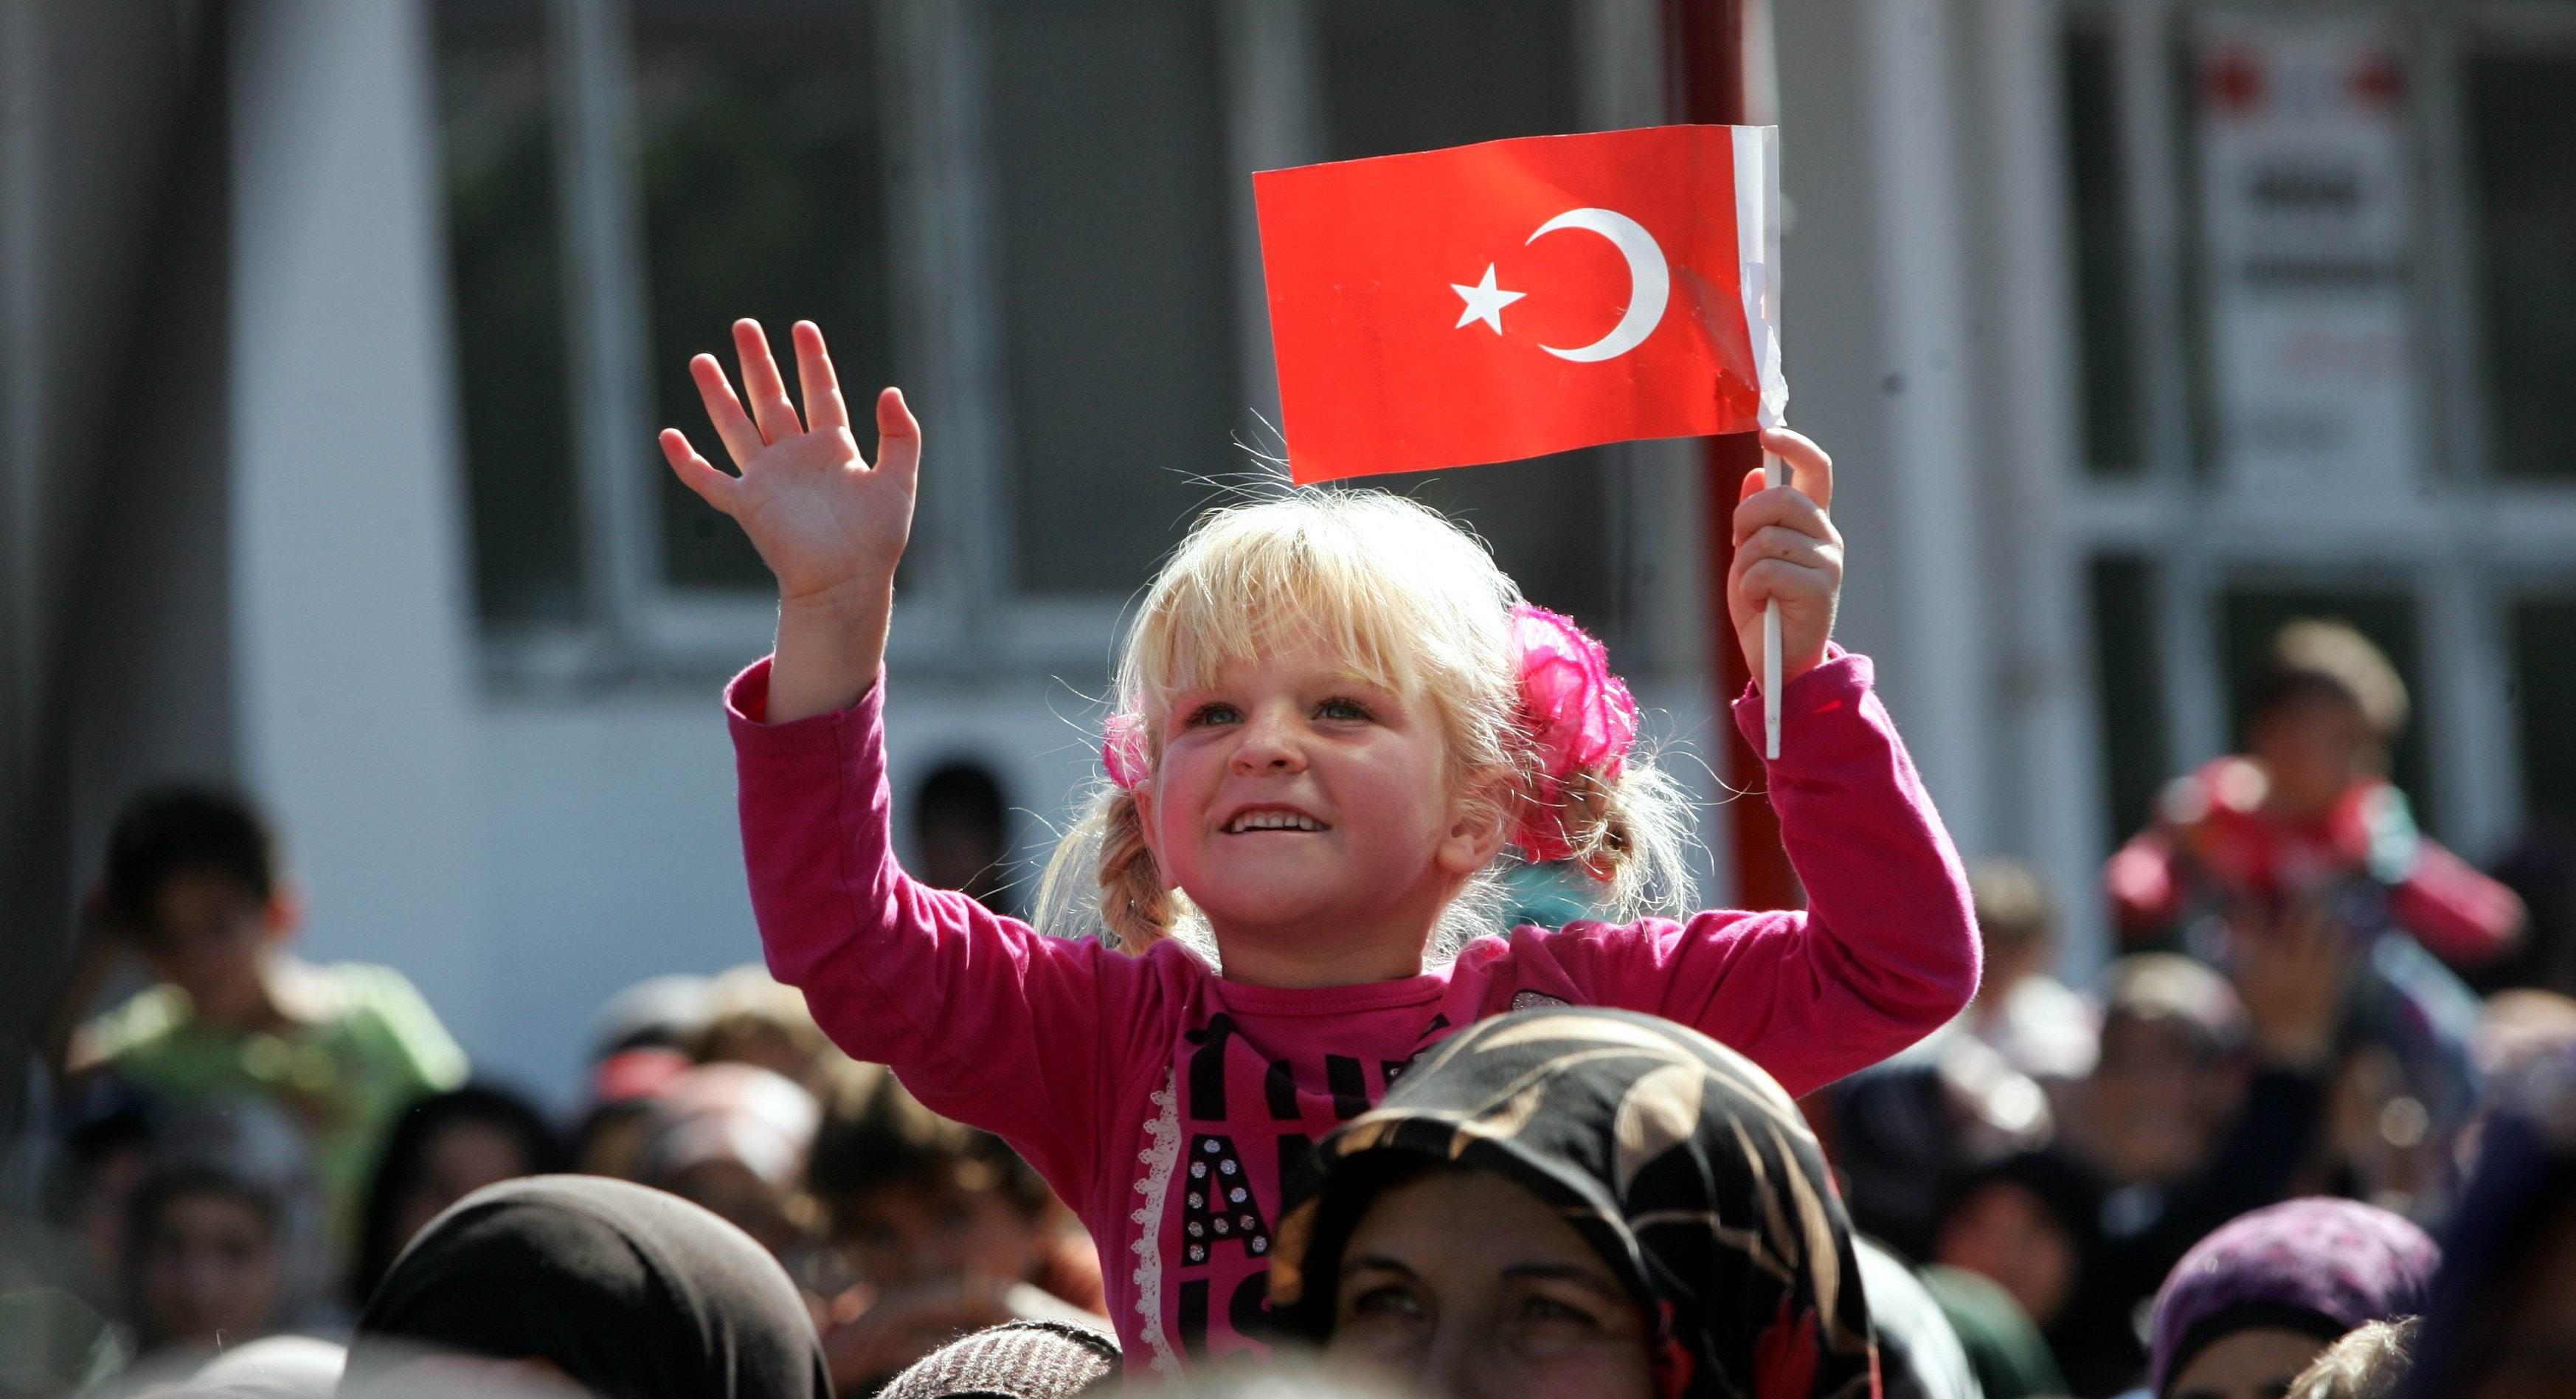 صورة ما مدى جدّية تهديد النظام بسحب جنسية السوريين المجنّسين بتركيا؟